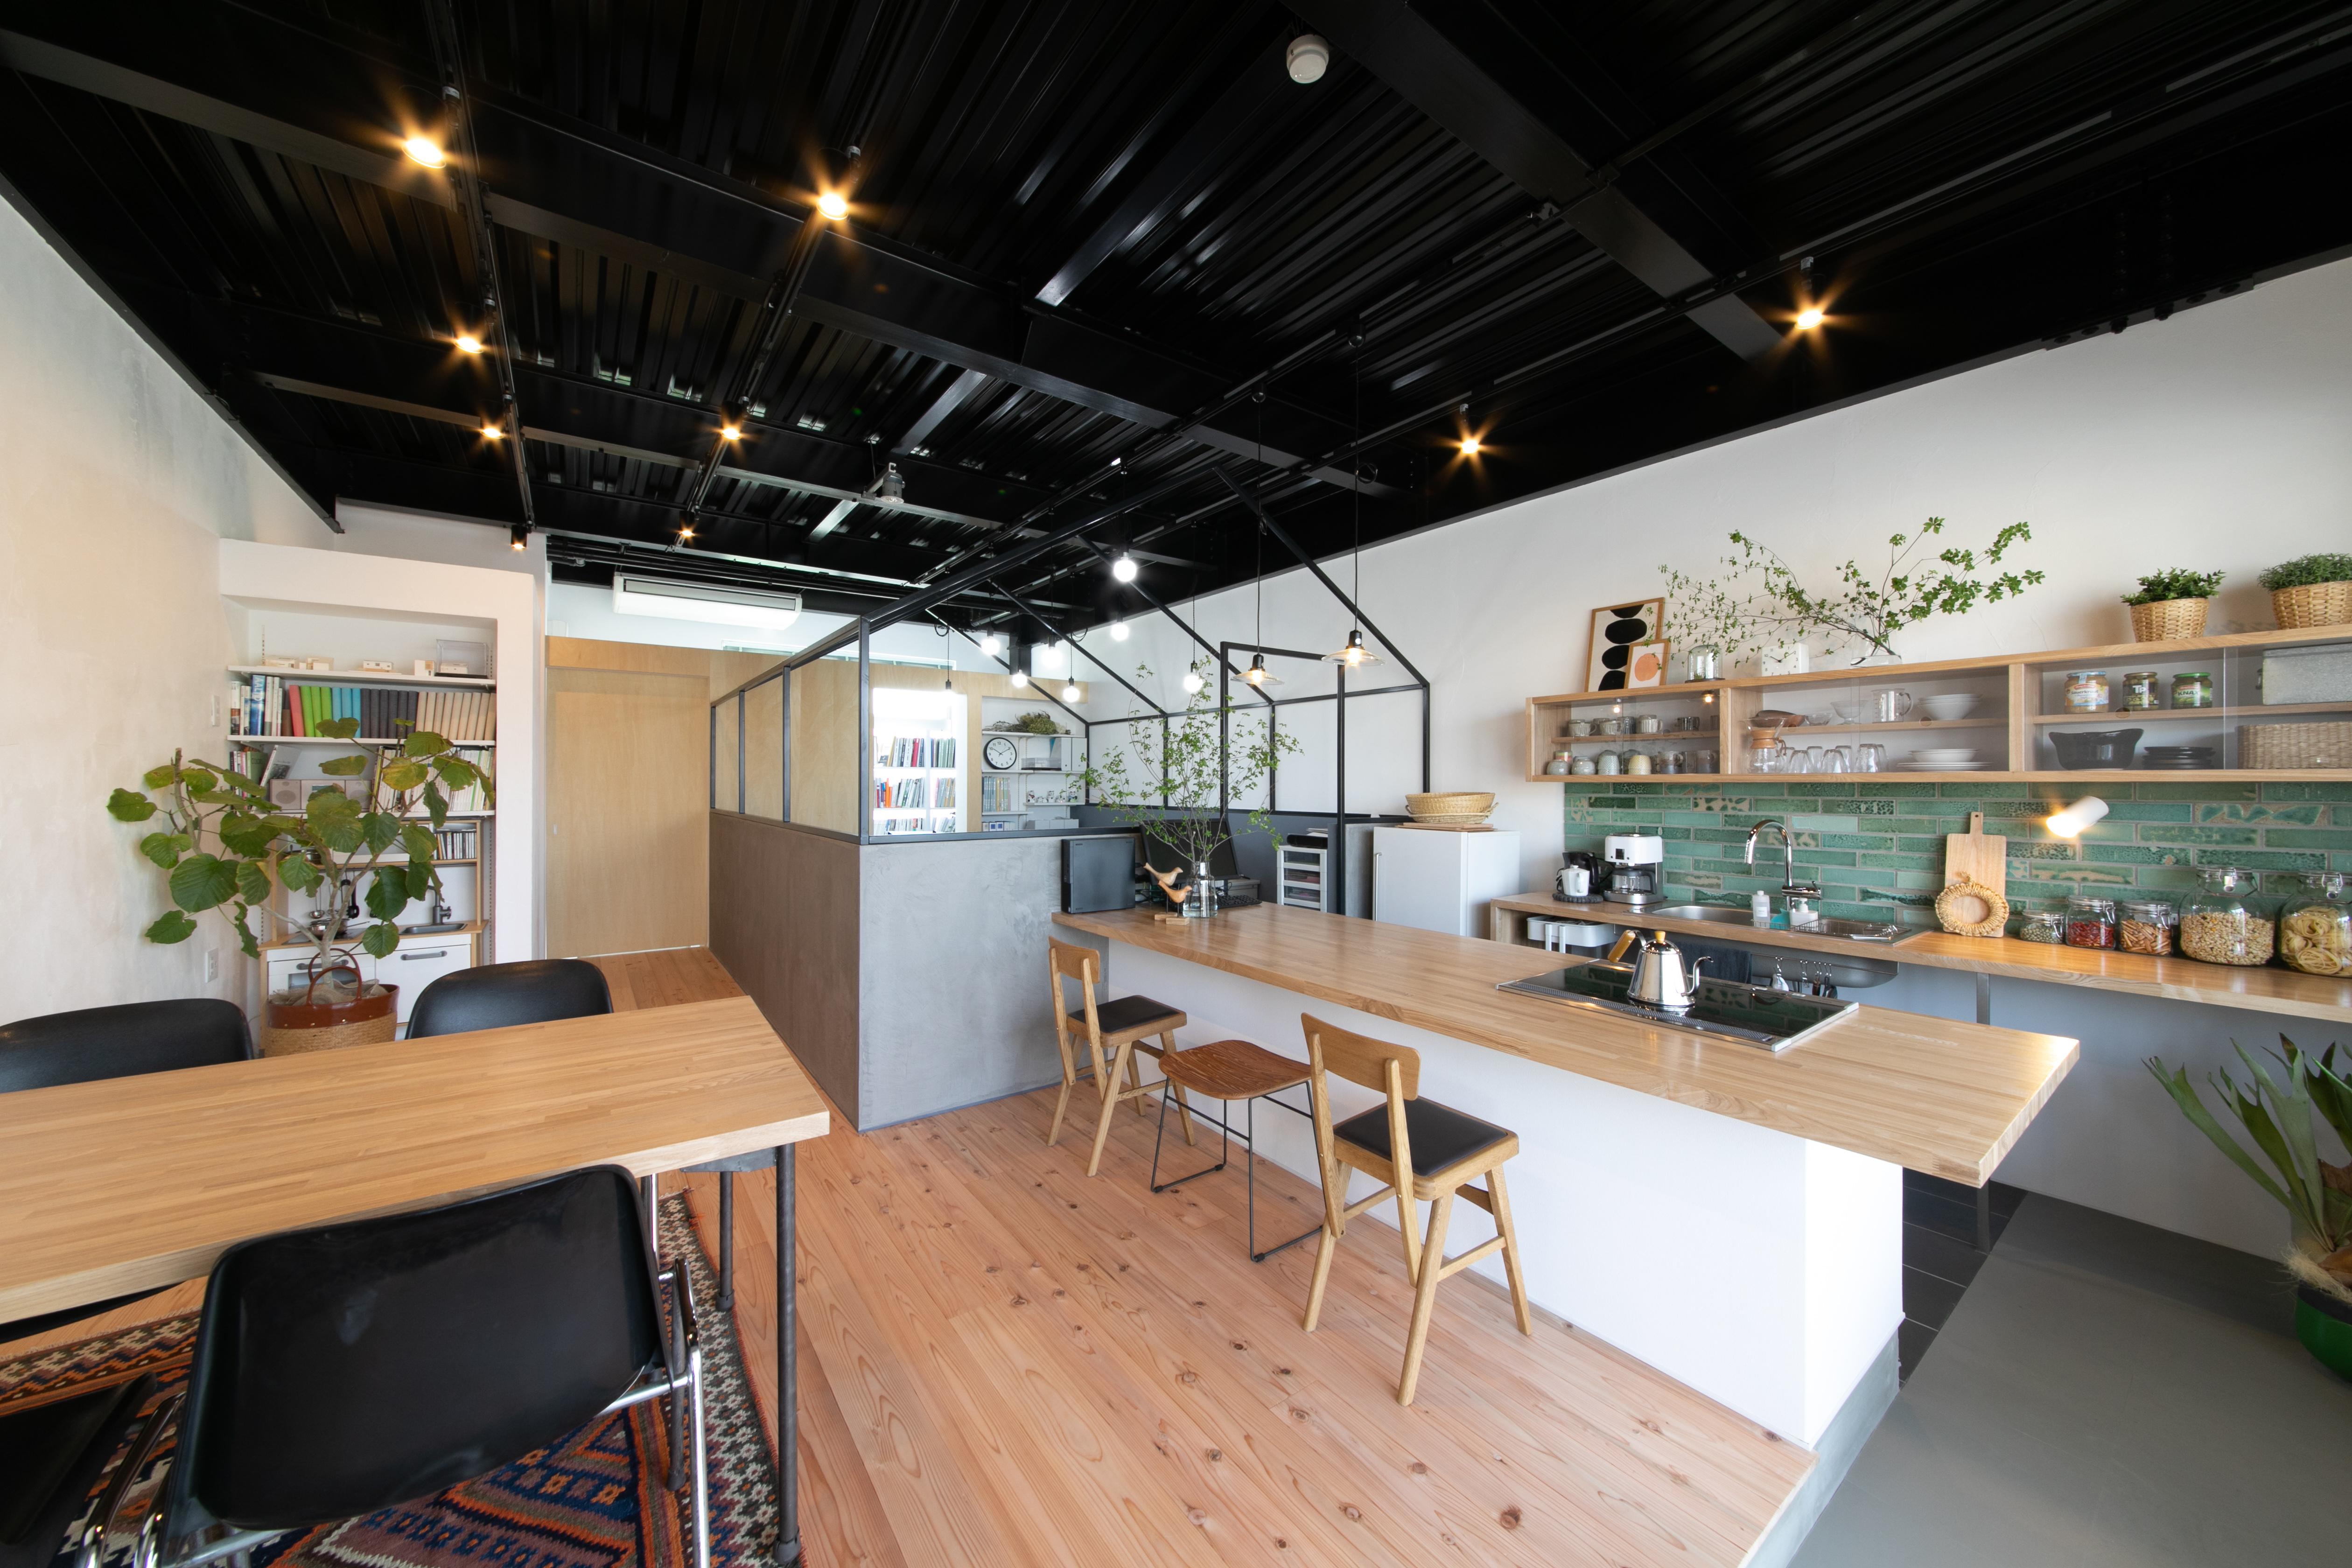 ソラマド静岡(オネストホーム)のイメージ